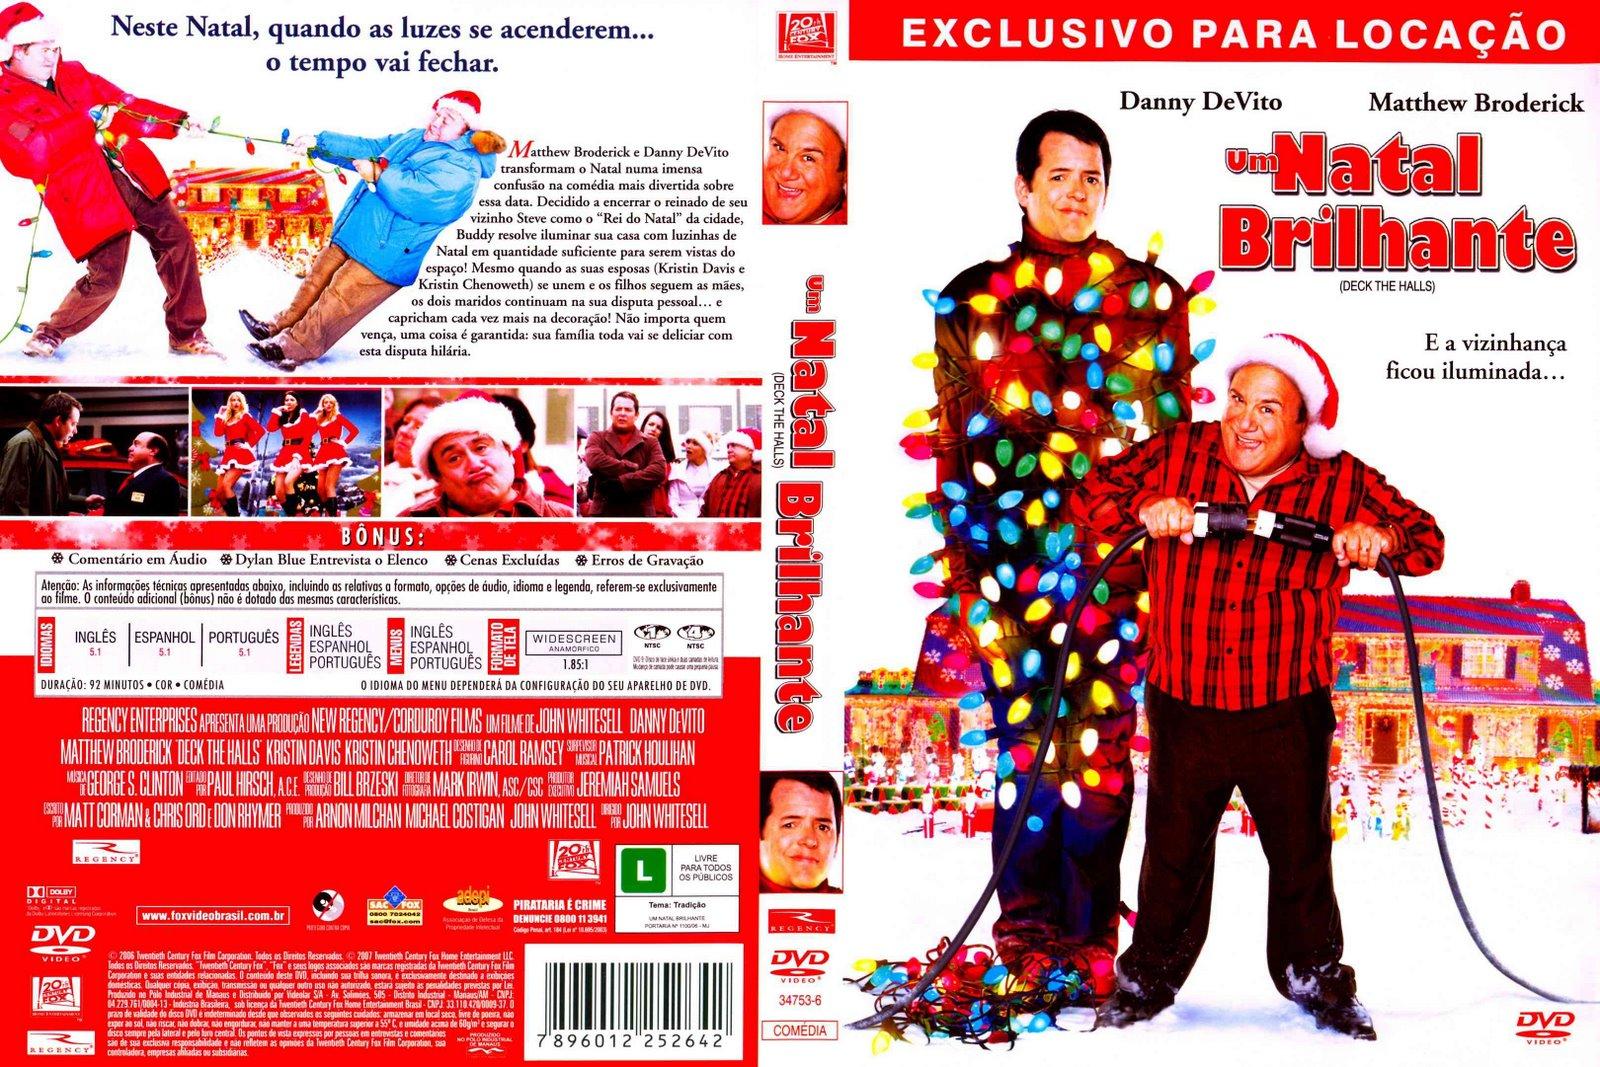 http://2.bp.blogspot.com/_ET4mSvvgIvQ/S-FlZfi5bEI/AAAAAAAAAL0/evzzIB5Vx-s/s1600/Um_Natal_Brilhante.jpg